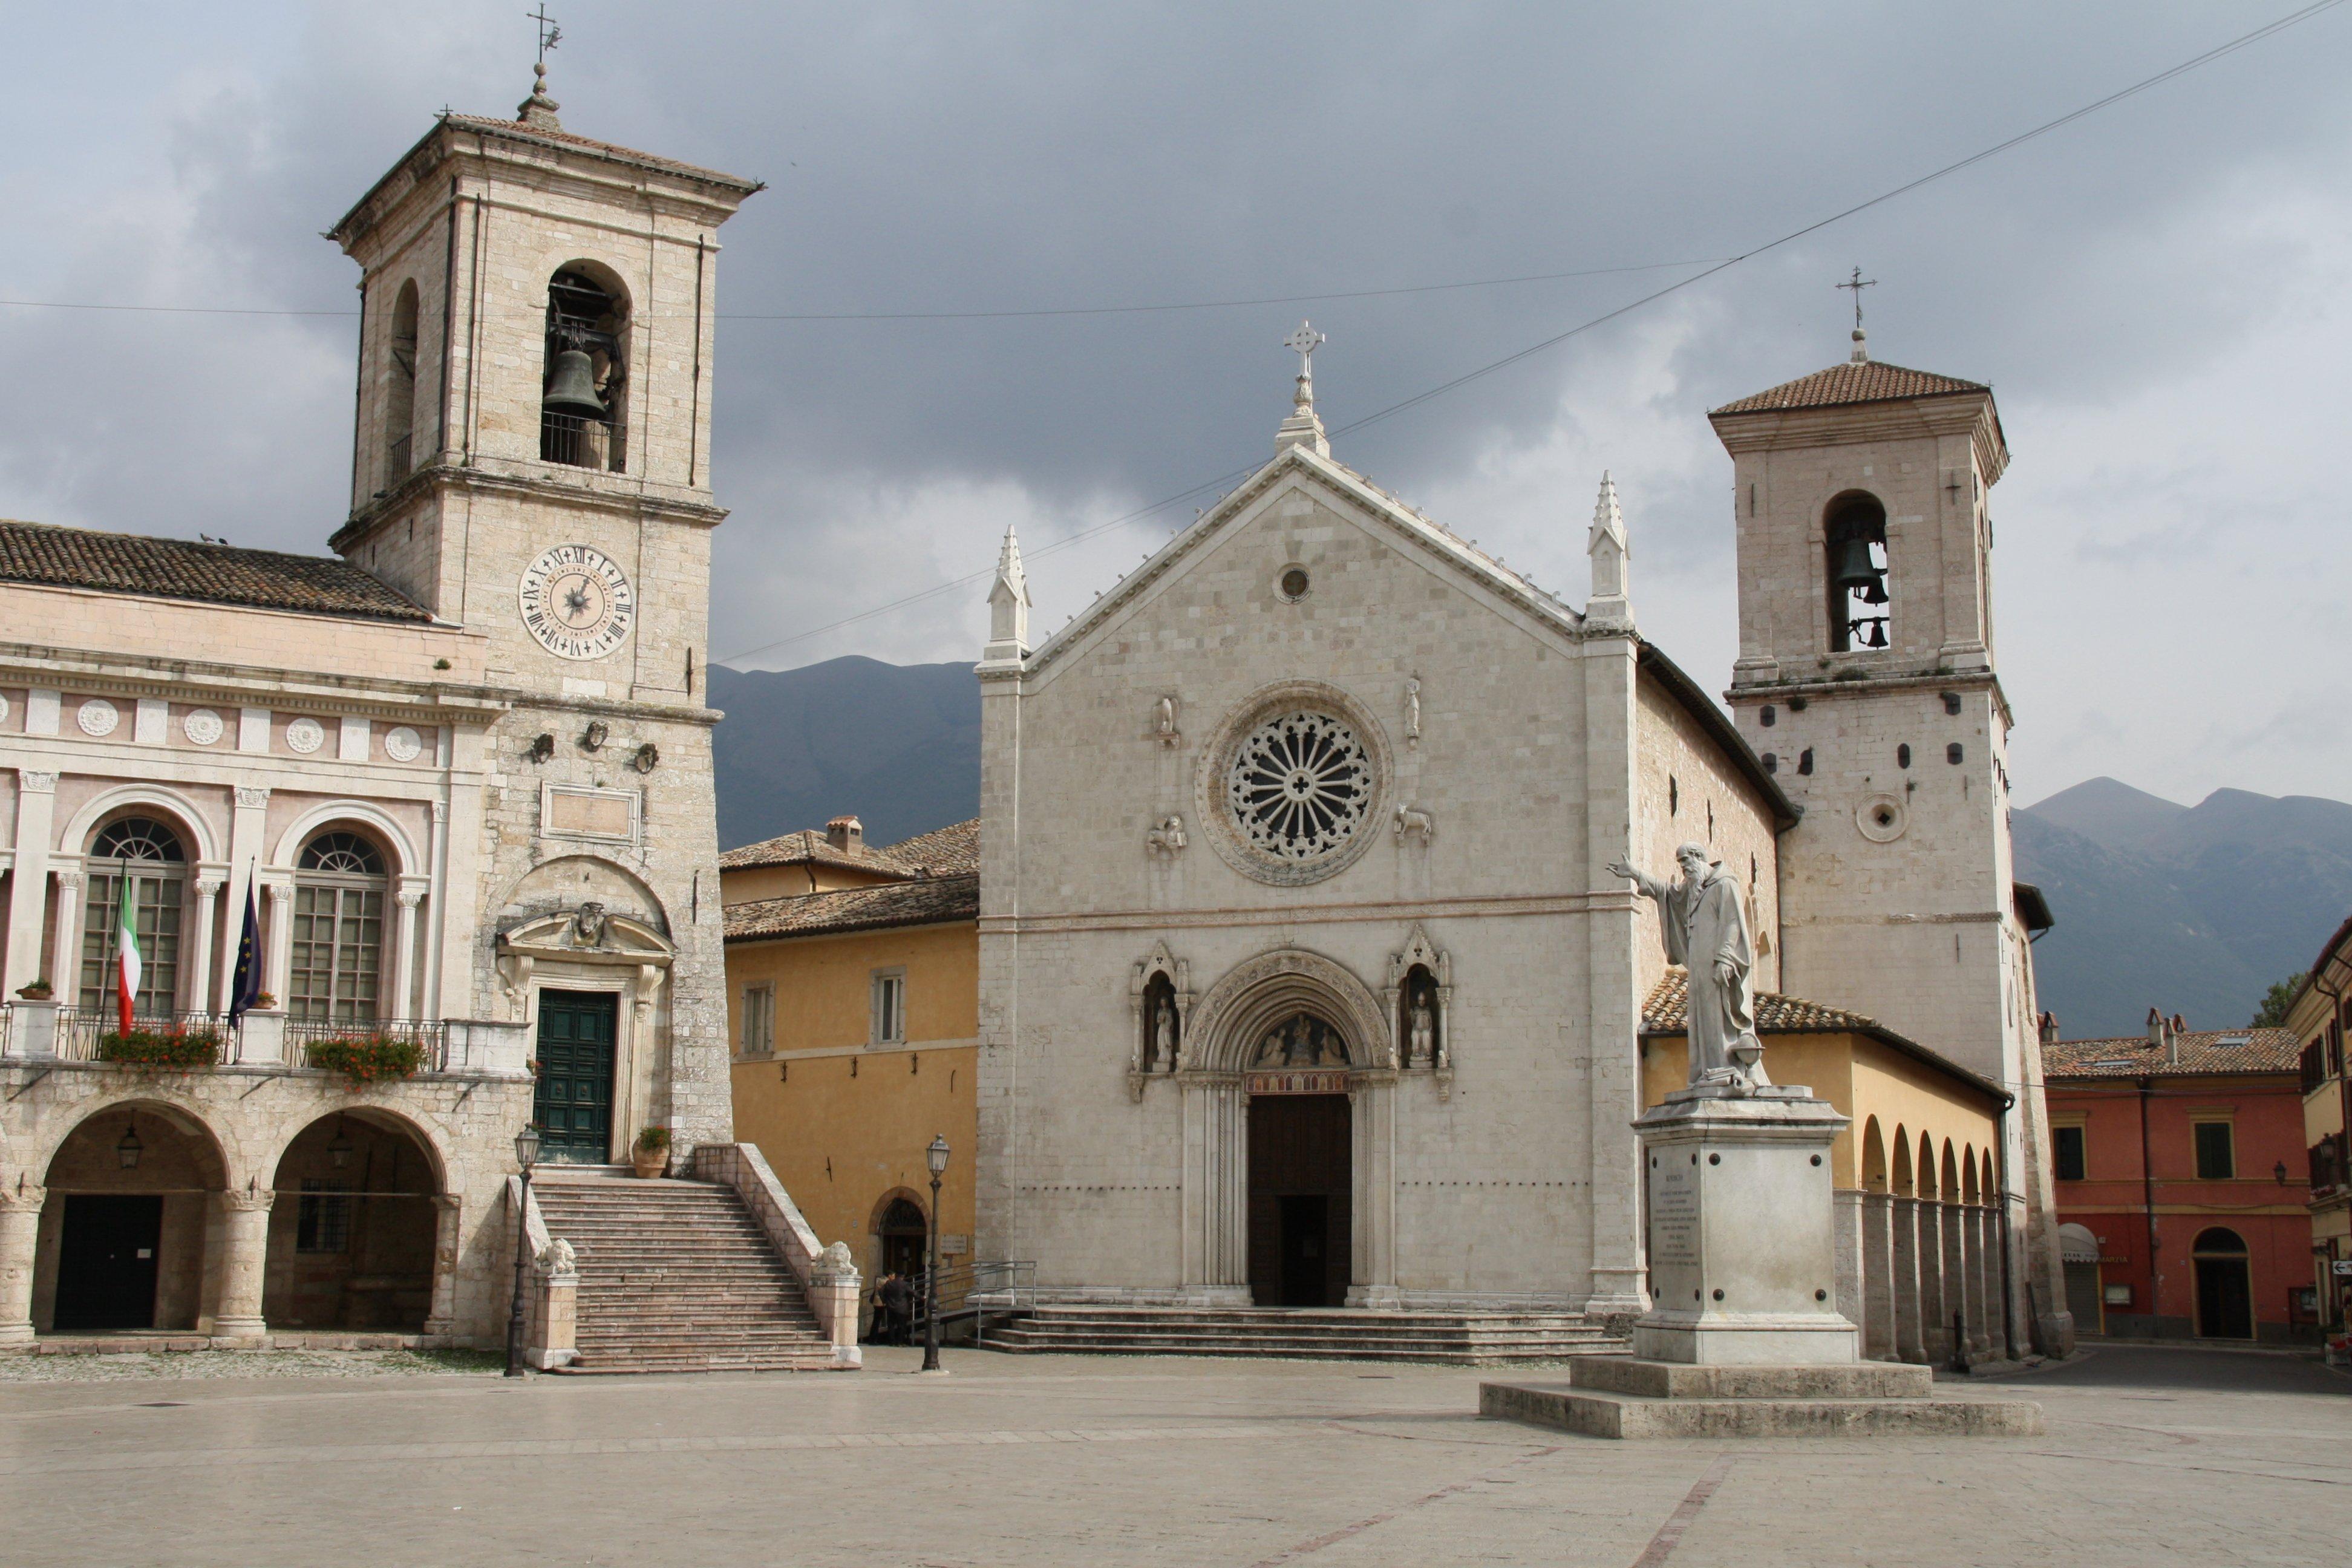 Viaggio in Umbria alla scoperta dell'incantevole Norcia